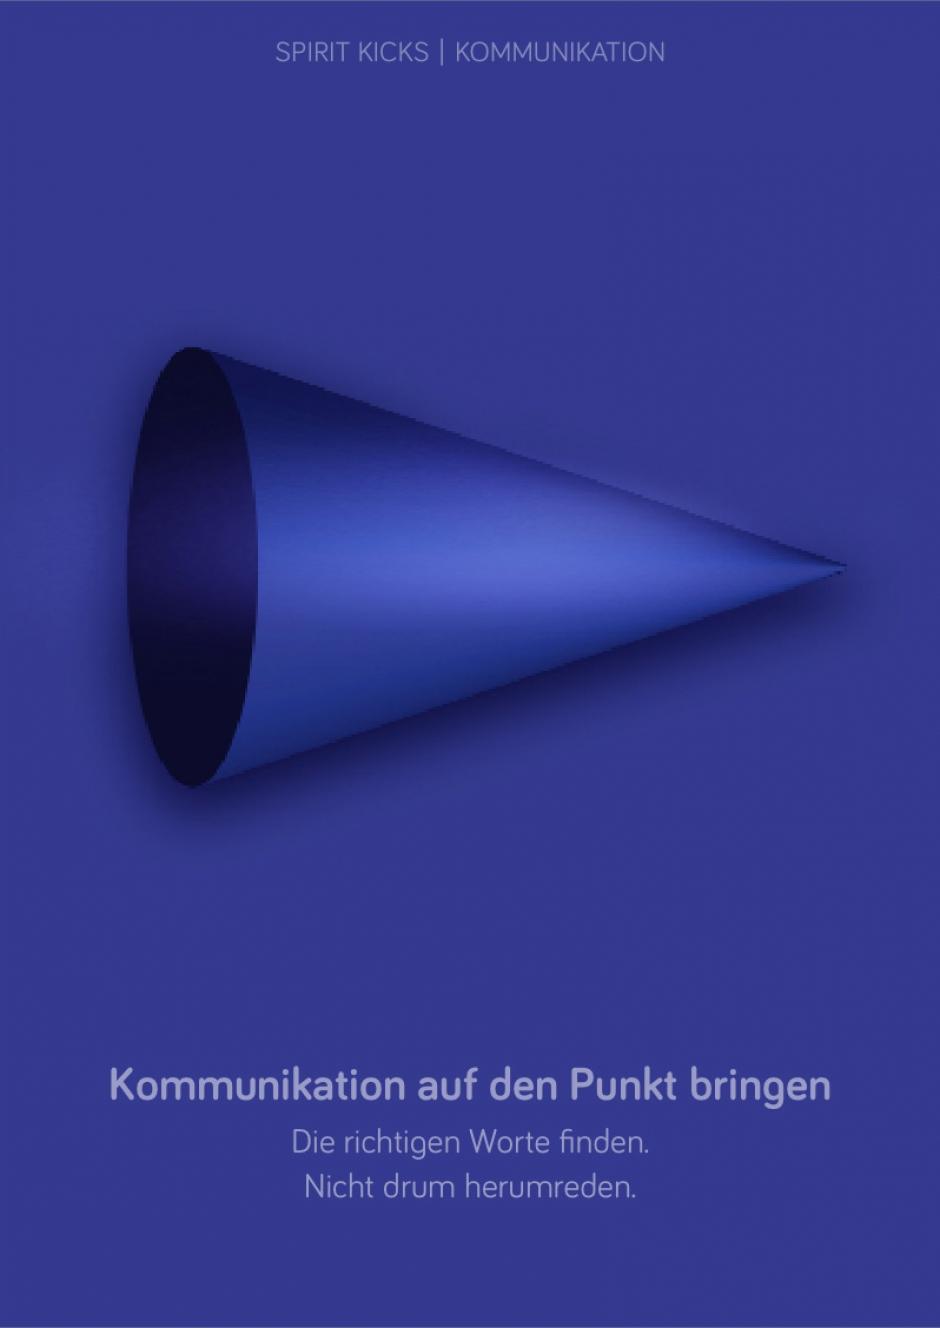 Tagesenergie SPIRIT KICKS: Kommunkation auf den Punkt bringen - Business-Lichtsprache von Lightwork